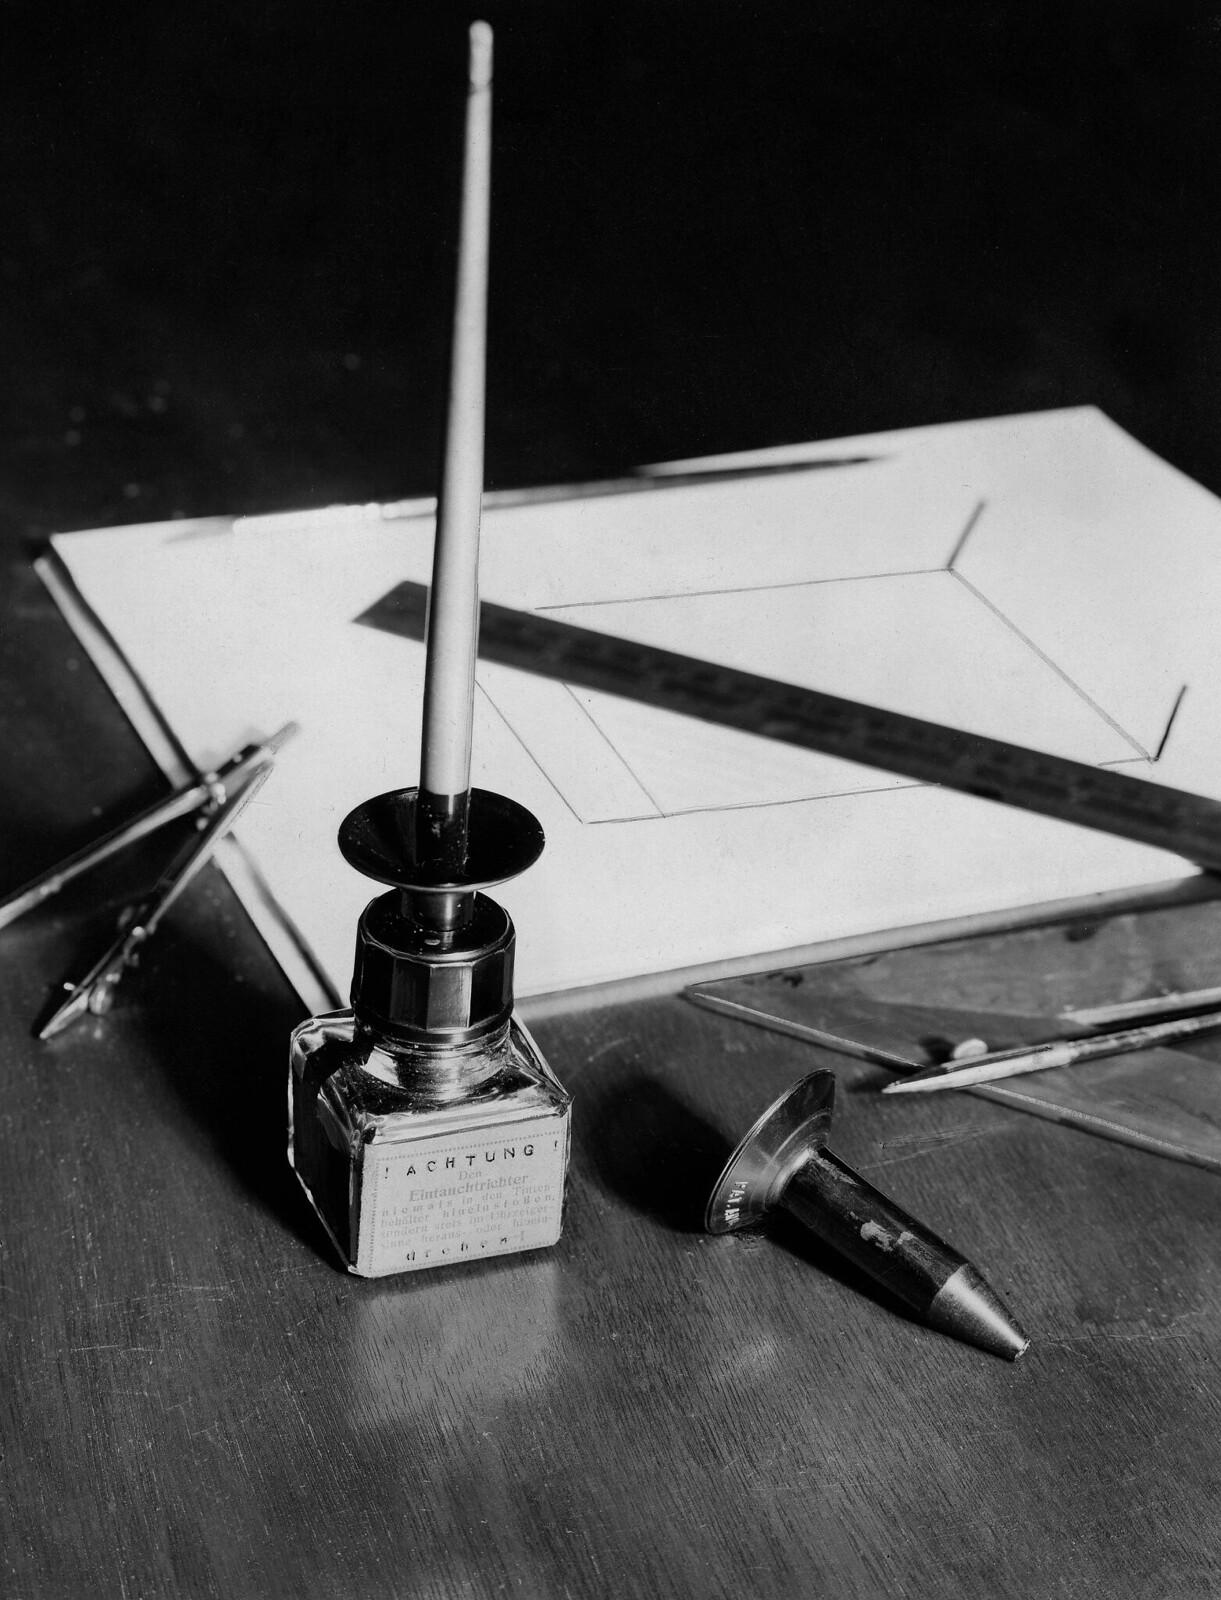 02. Чернильница с регулируемой погружной воронкой для пера